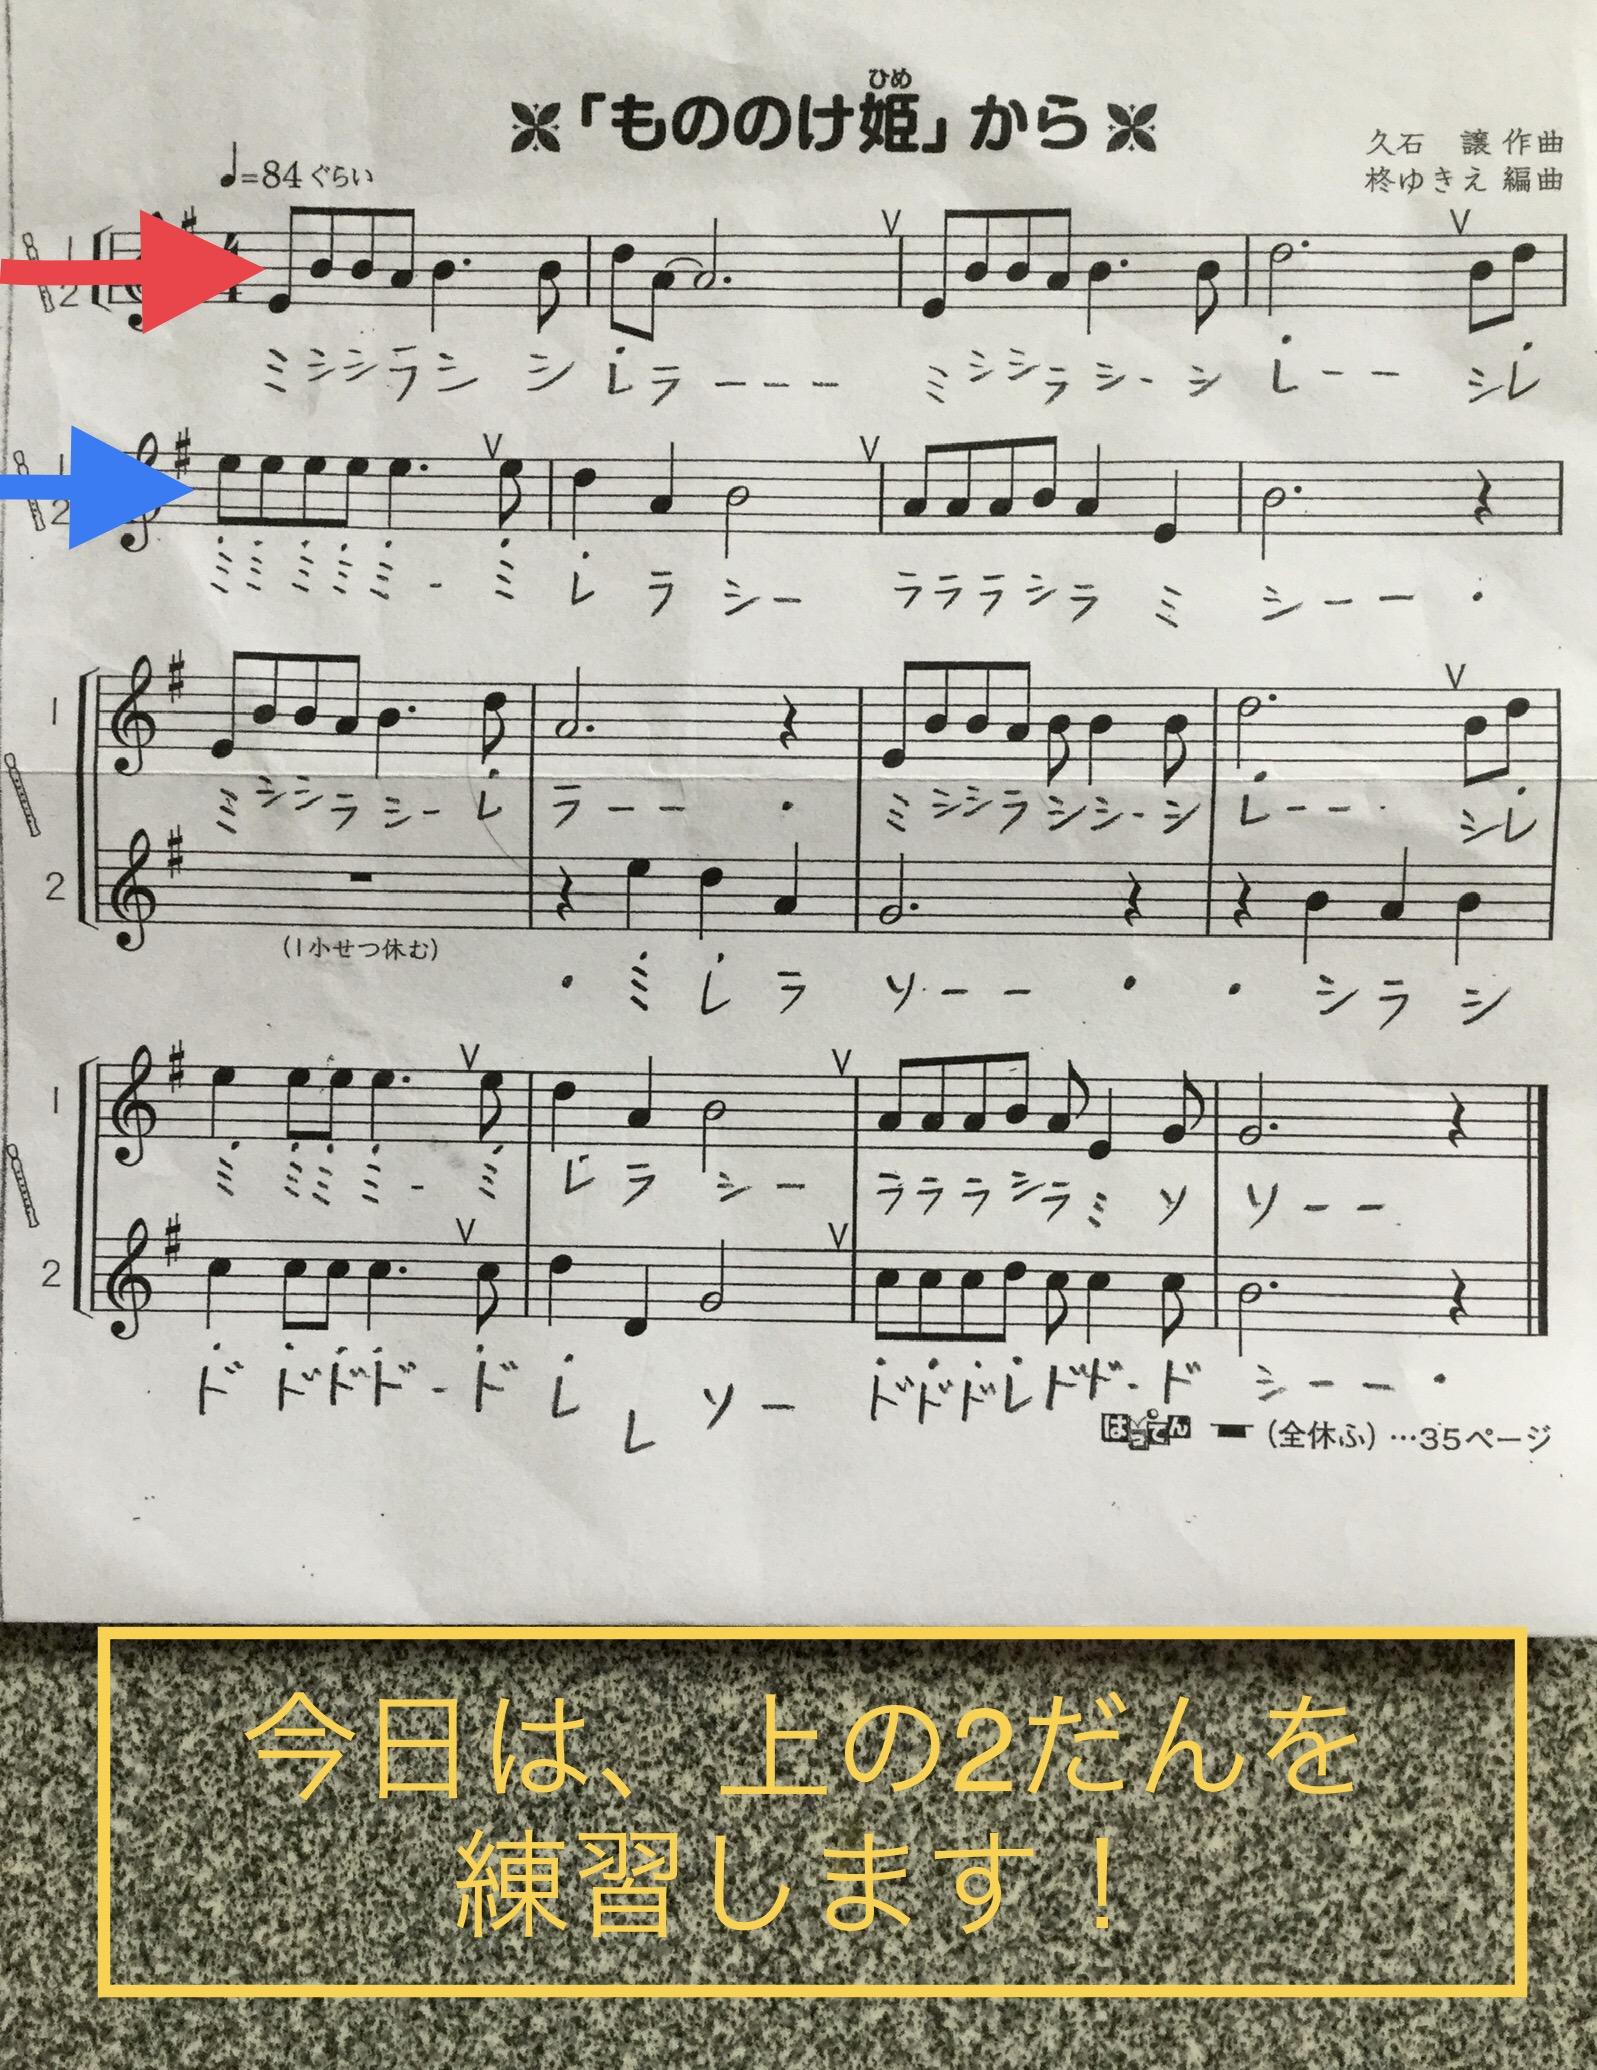 リコーダー 楽譜 エーデルワイス